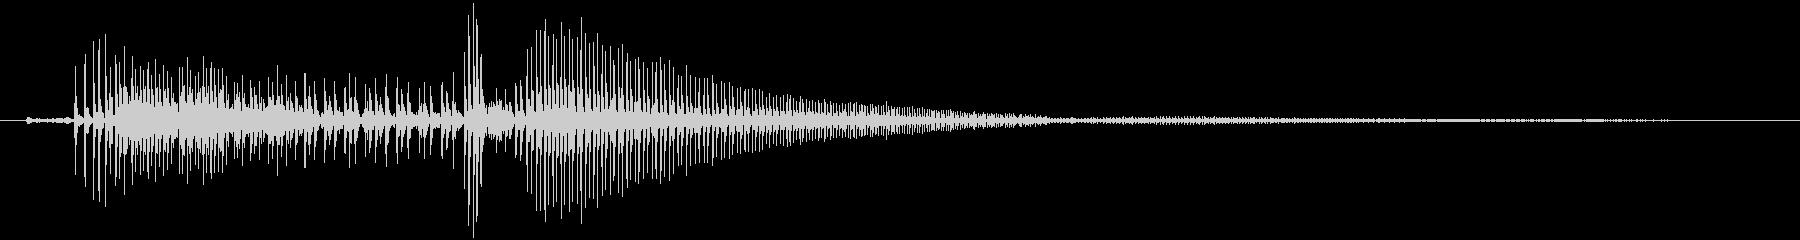 ハーレーダビッドソン:1450 C...の未再生の波形